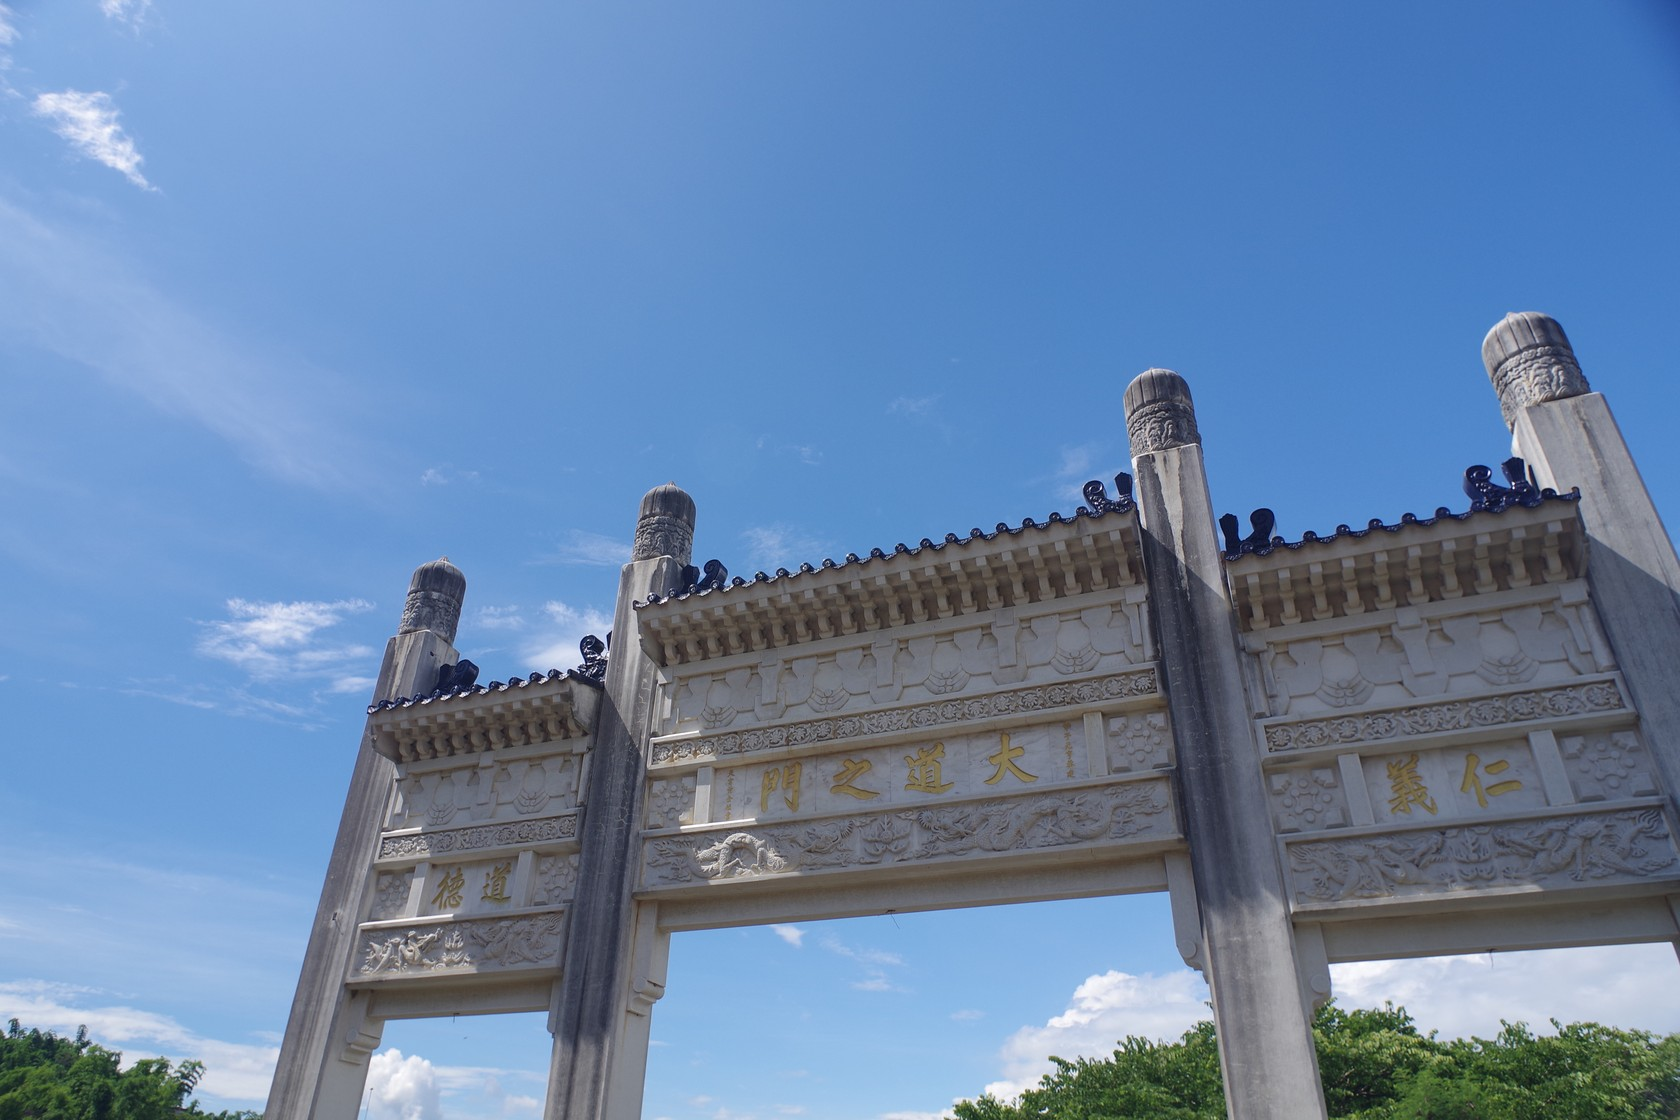 天壇公園牌樓